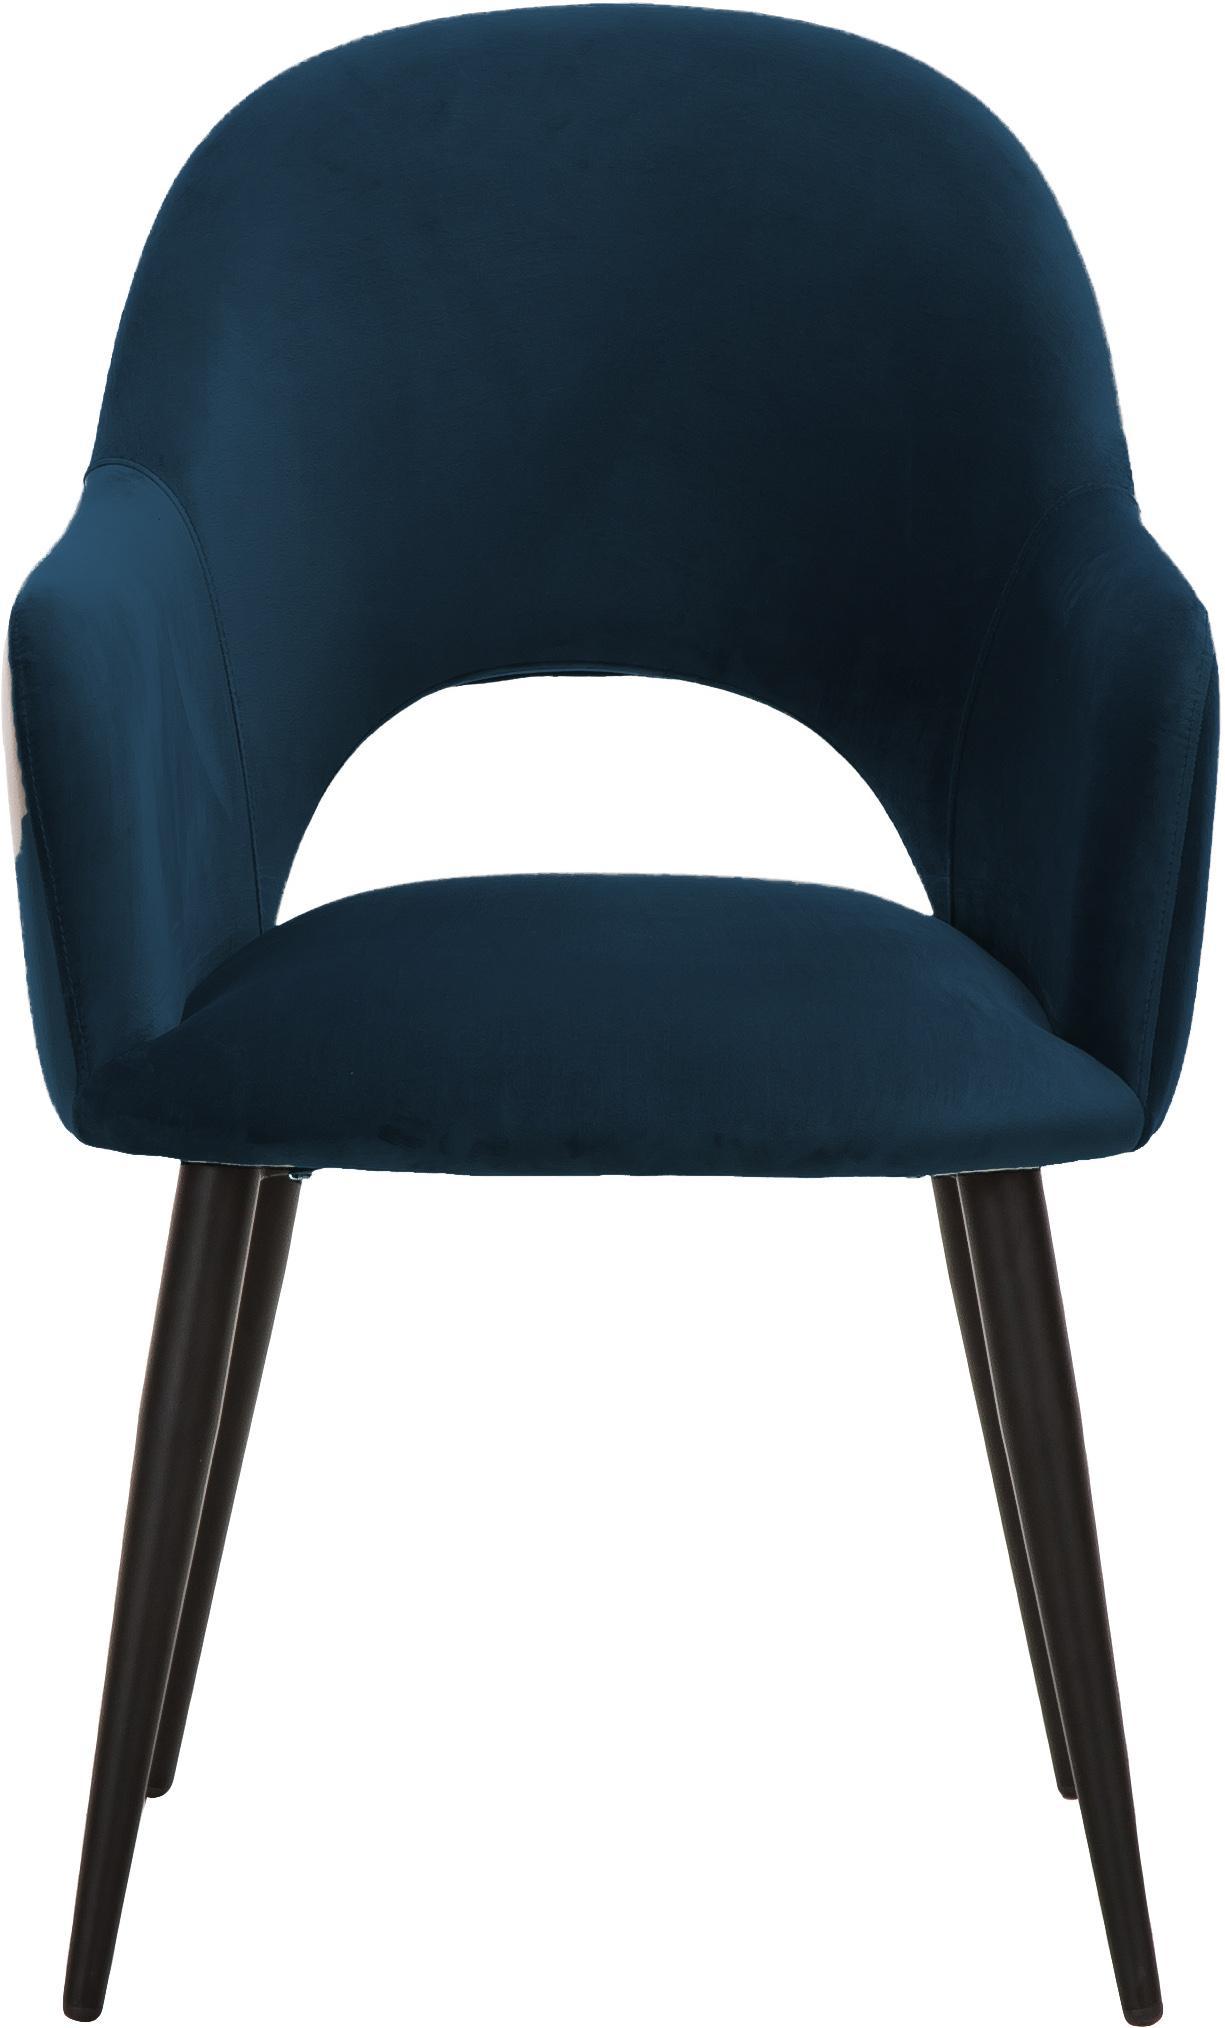 Sedia con braccioli in velluto Rachel, Rivestimento: velluto (poliestere) 50.0, Gambe: metallo verniciato a polv, Rivestimento: blu scuro Gambe: nero opaco, Larg. 47 x Prof. 64 cm